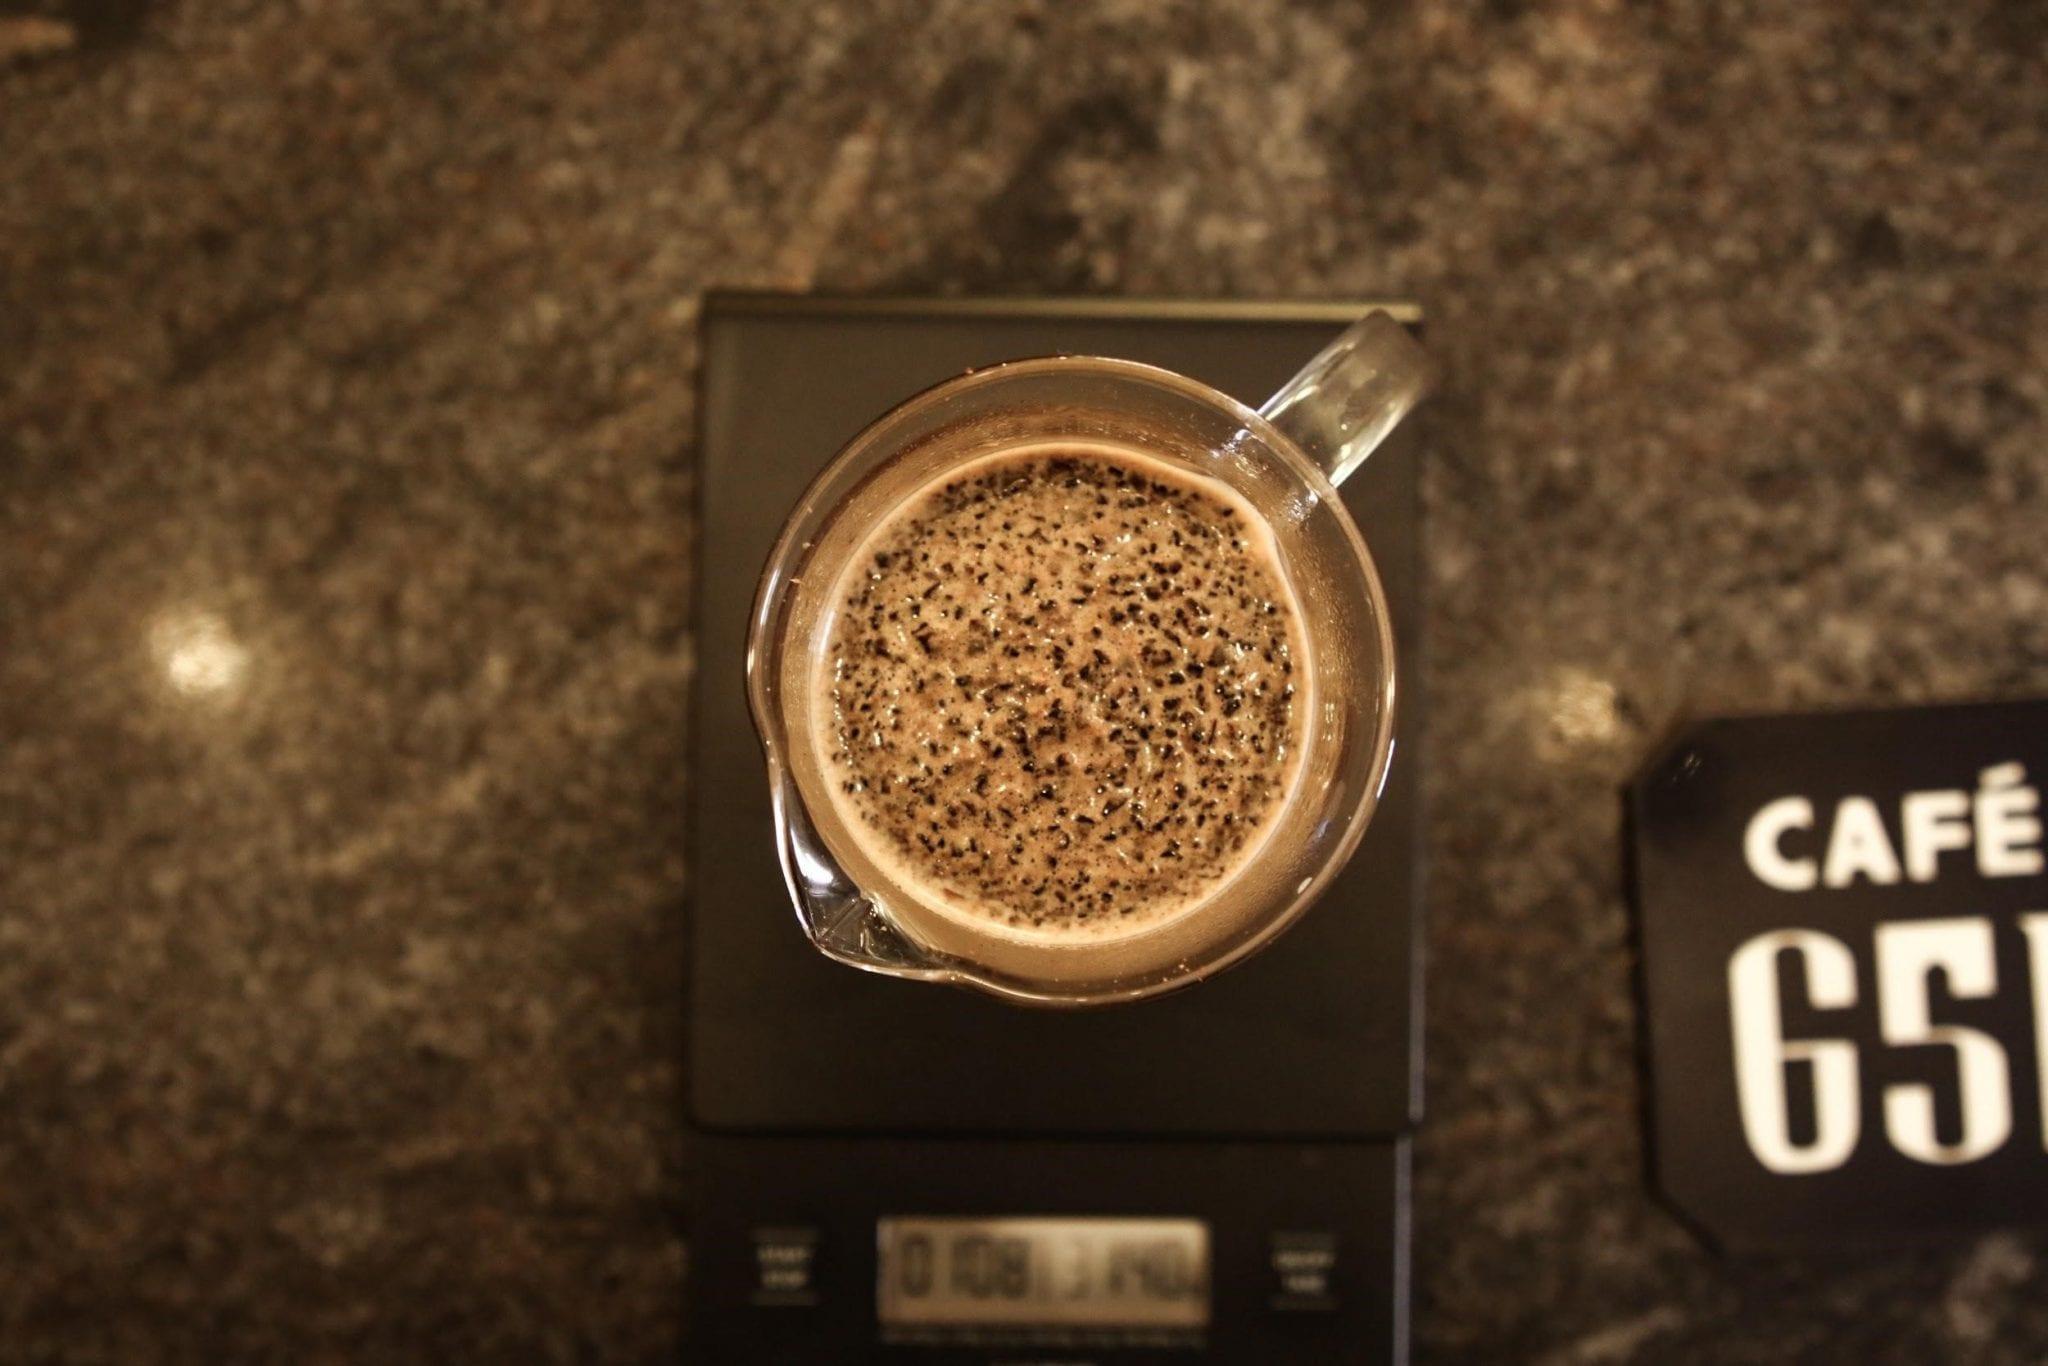 café siendo preparado en una prensa francesa